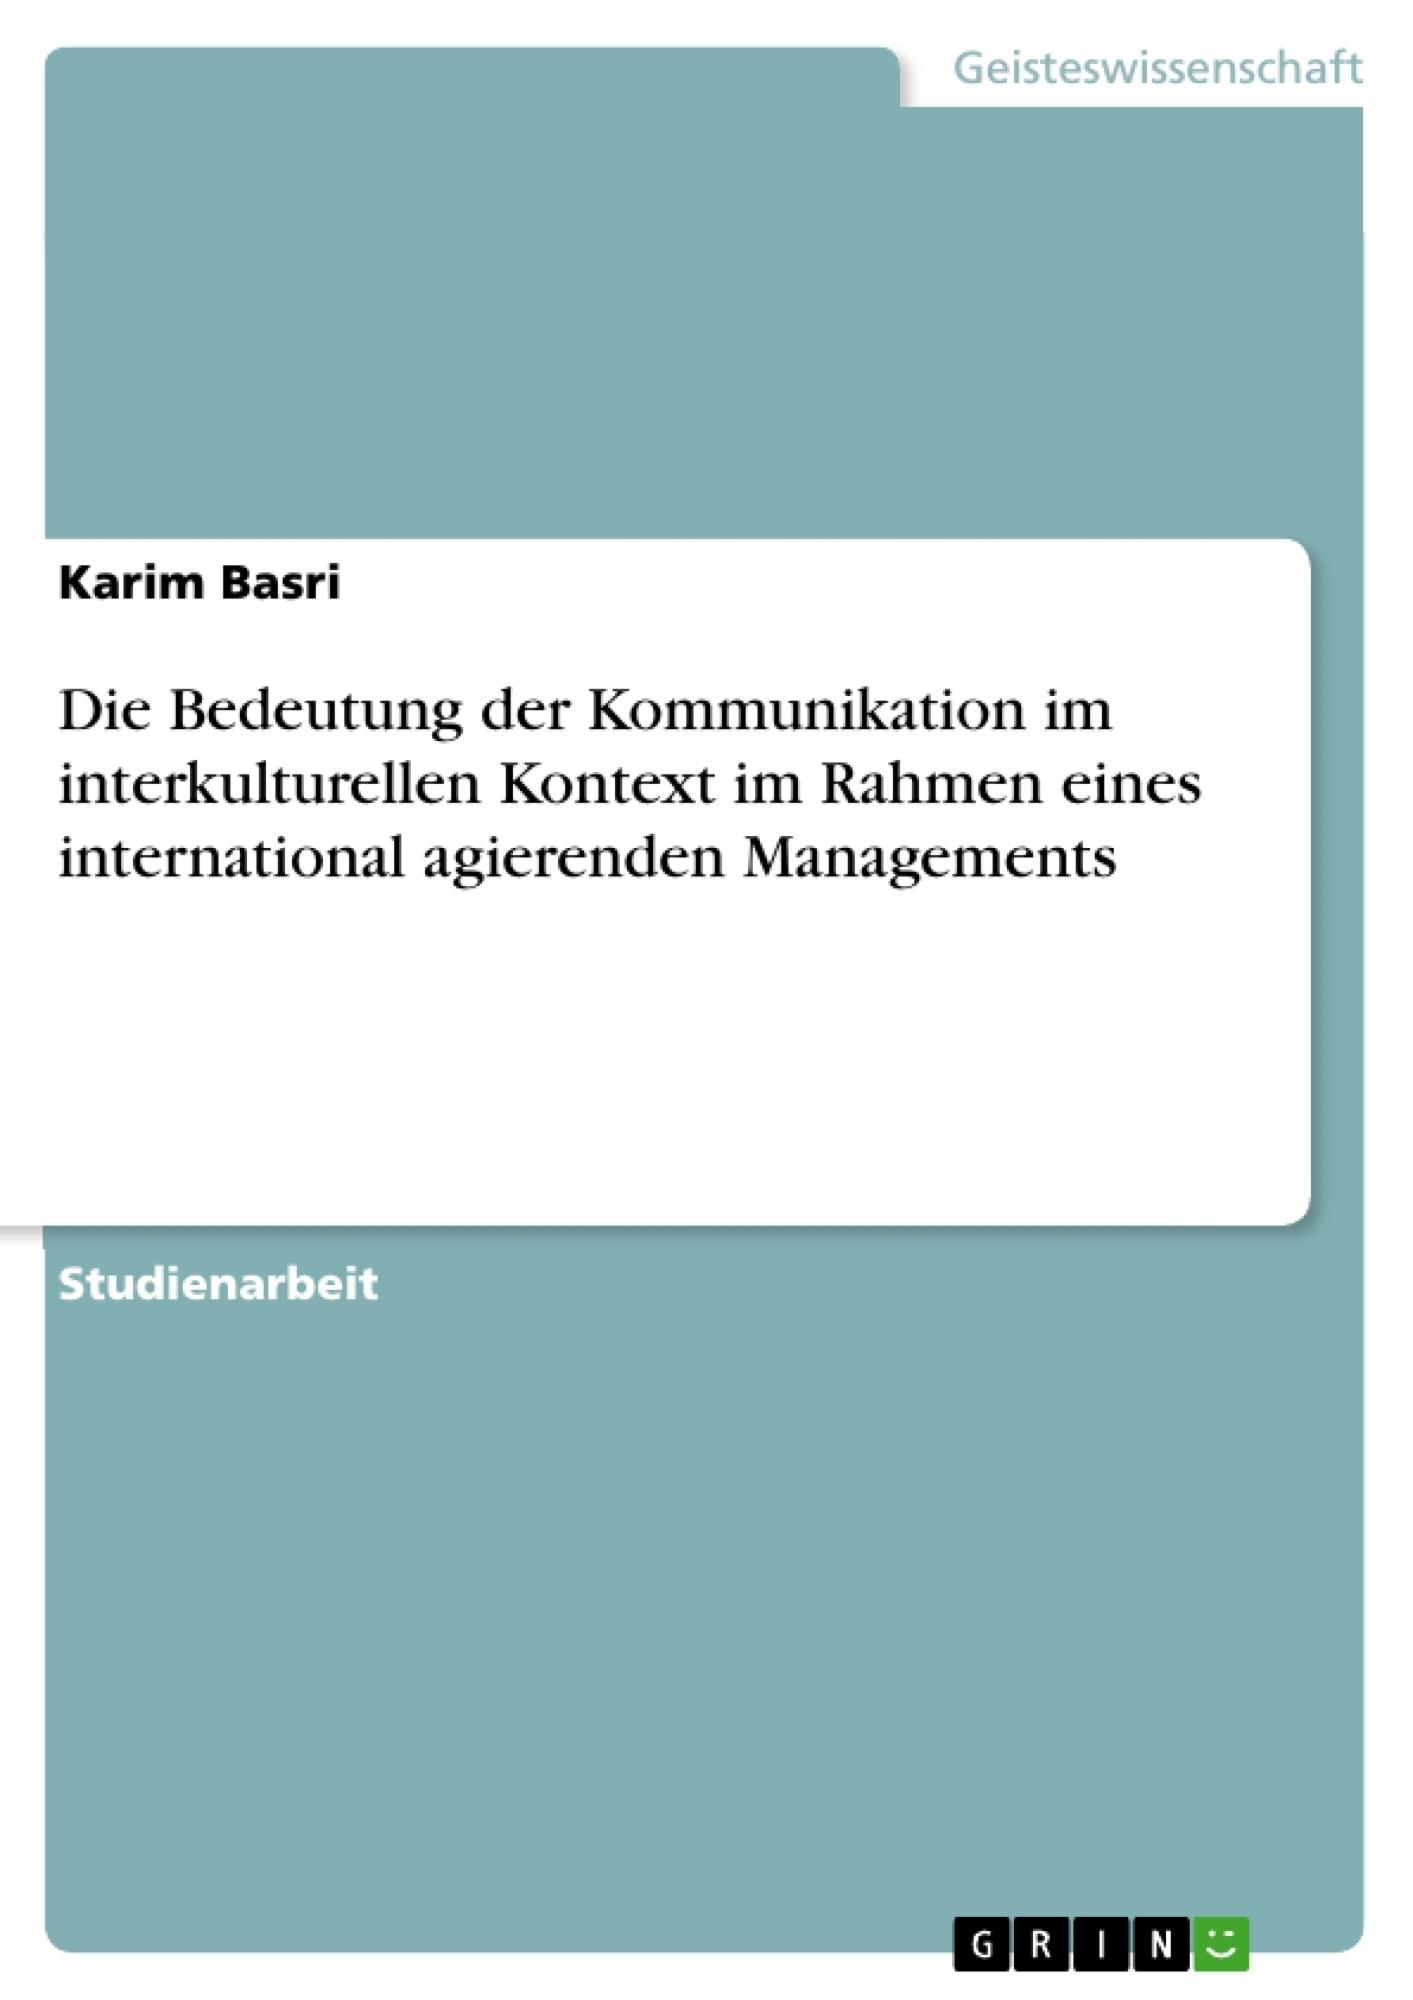 Titel: Die Bedeutung der Kommunikation im interkulturellen Kontext im Rahmen eines international agierenden Managements